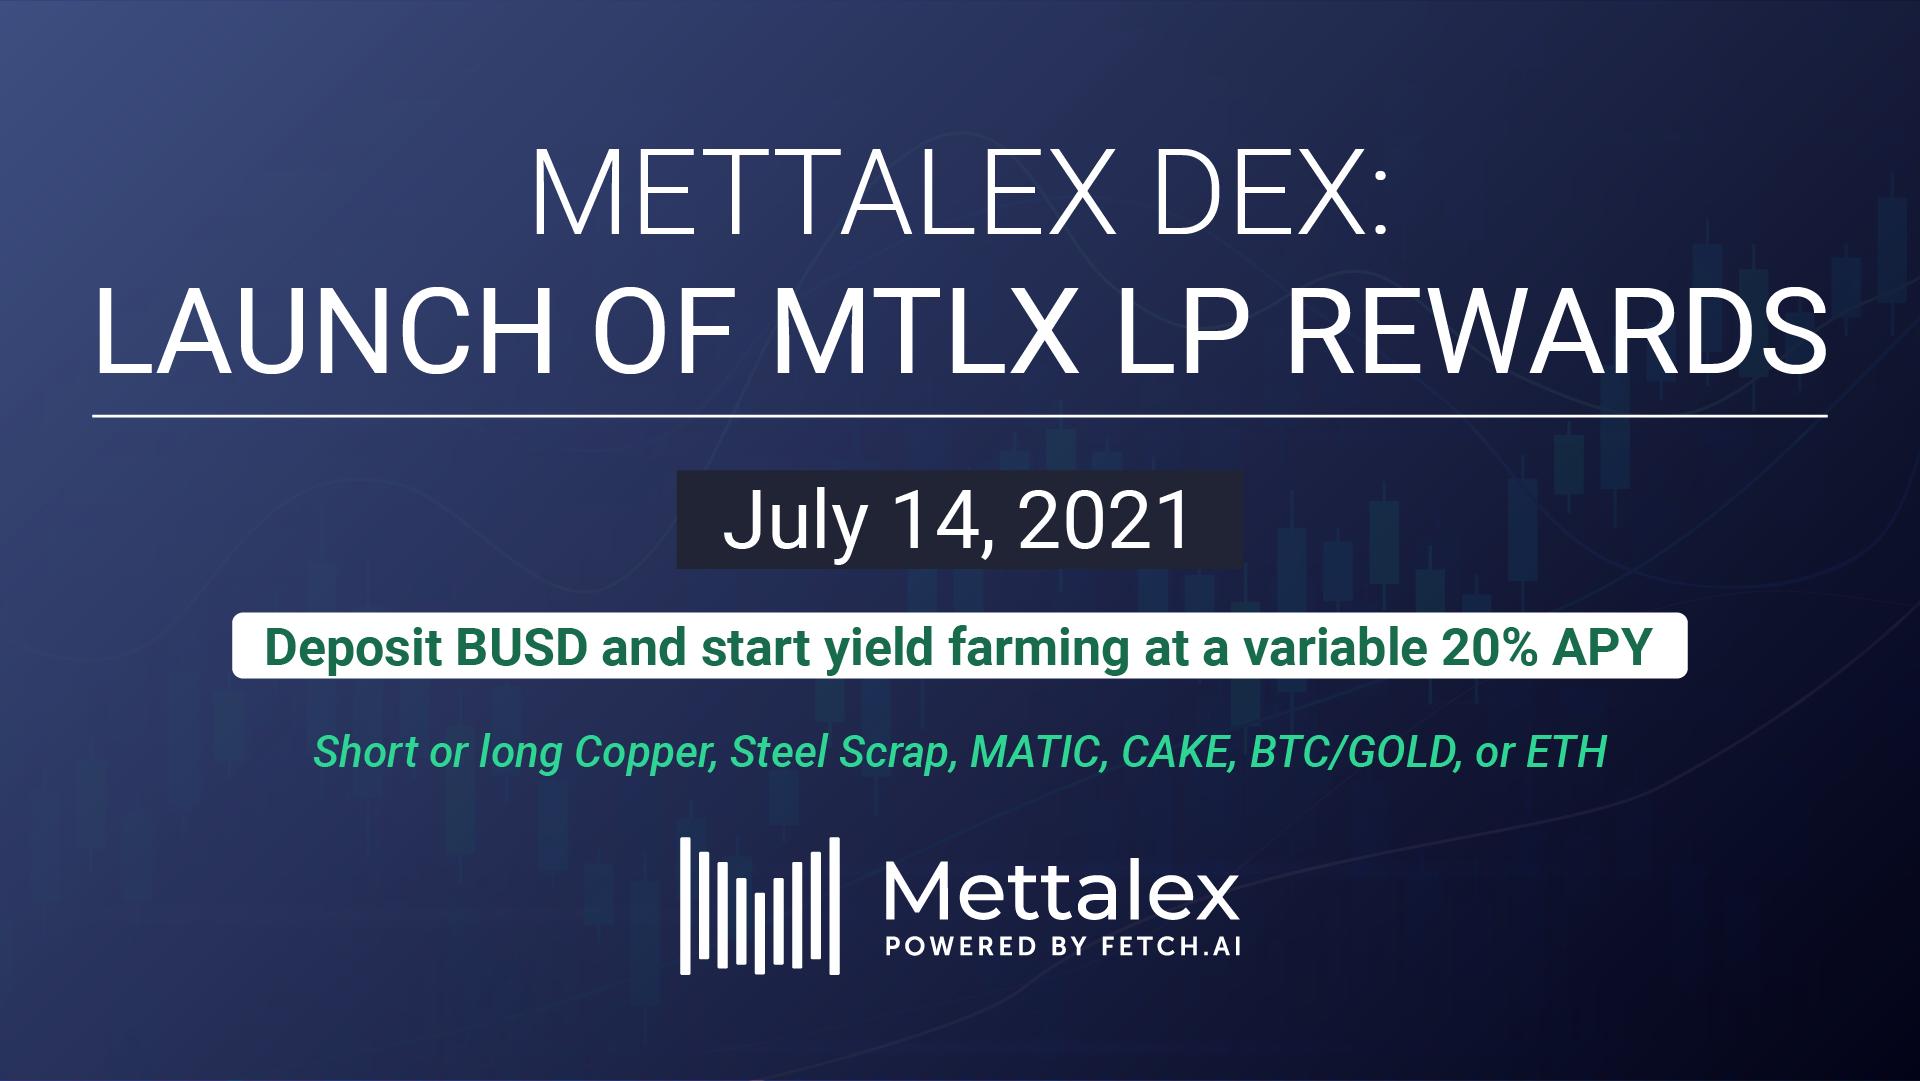 https://mettalex.com/wp-content/uploads/Mettalex-DEX.png